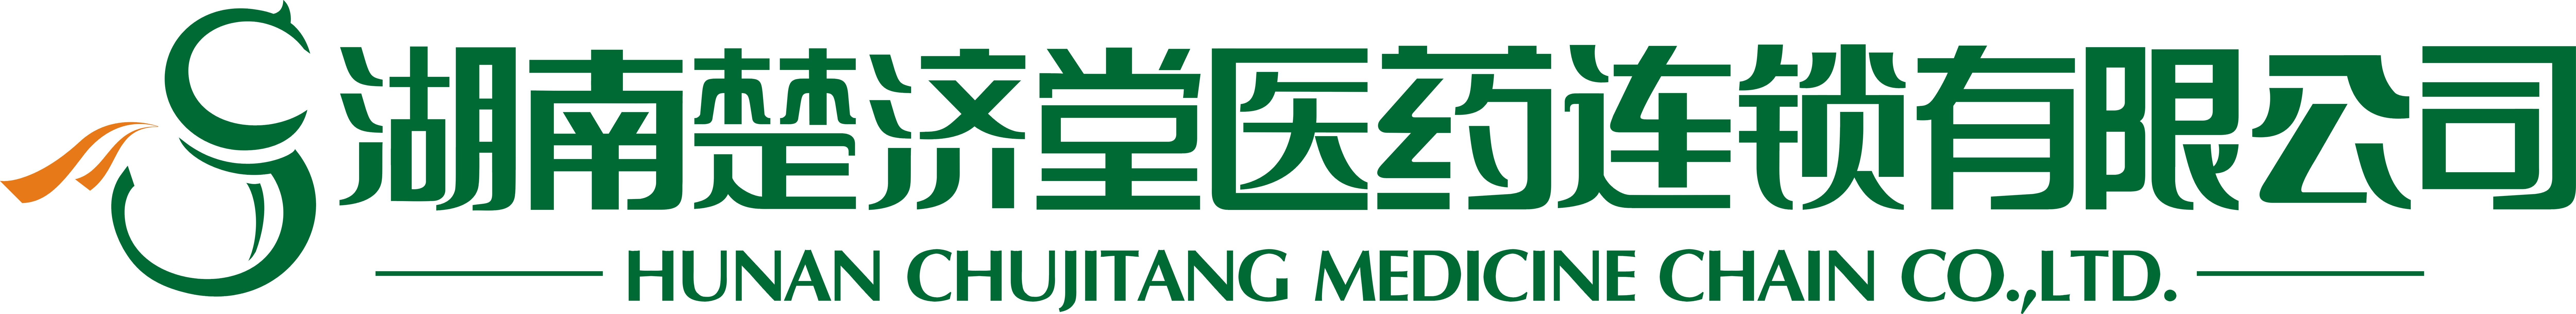 湖南楚济堂医药连锁有限公司